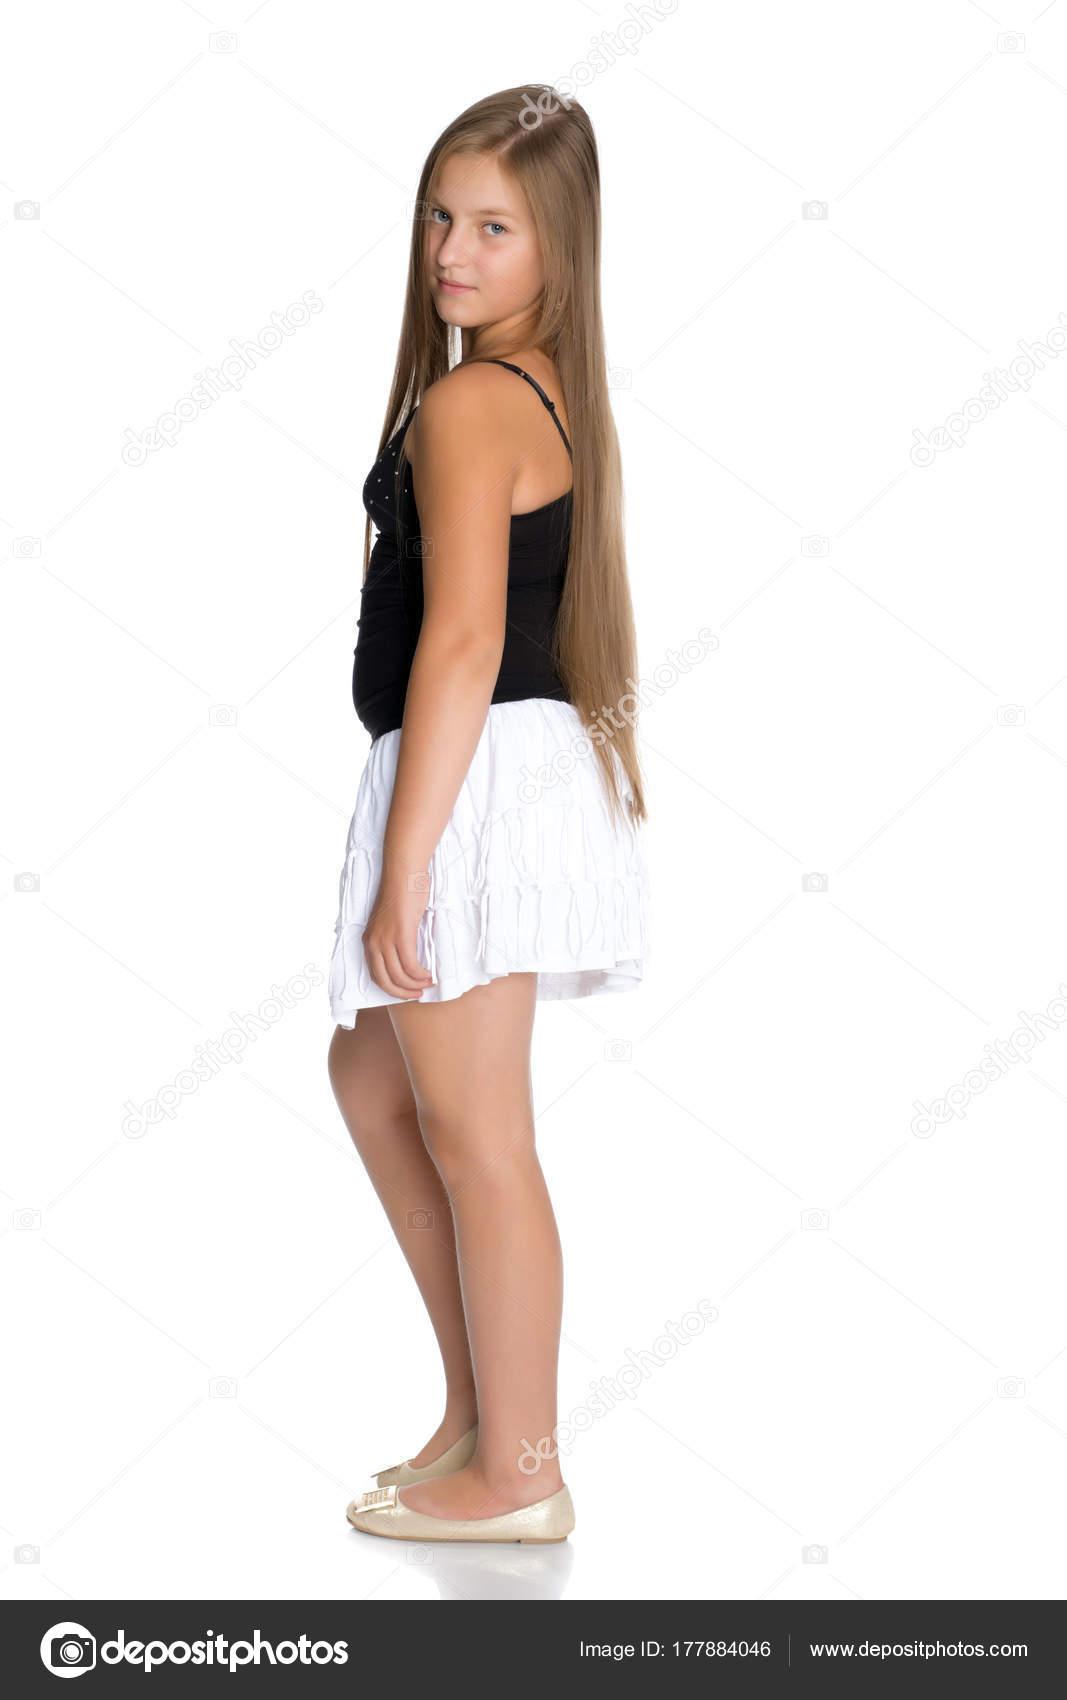 nuovo arrivo d1c3a f3edc Un'adolescente in una gonna bianca corta e una maglietta ...